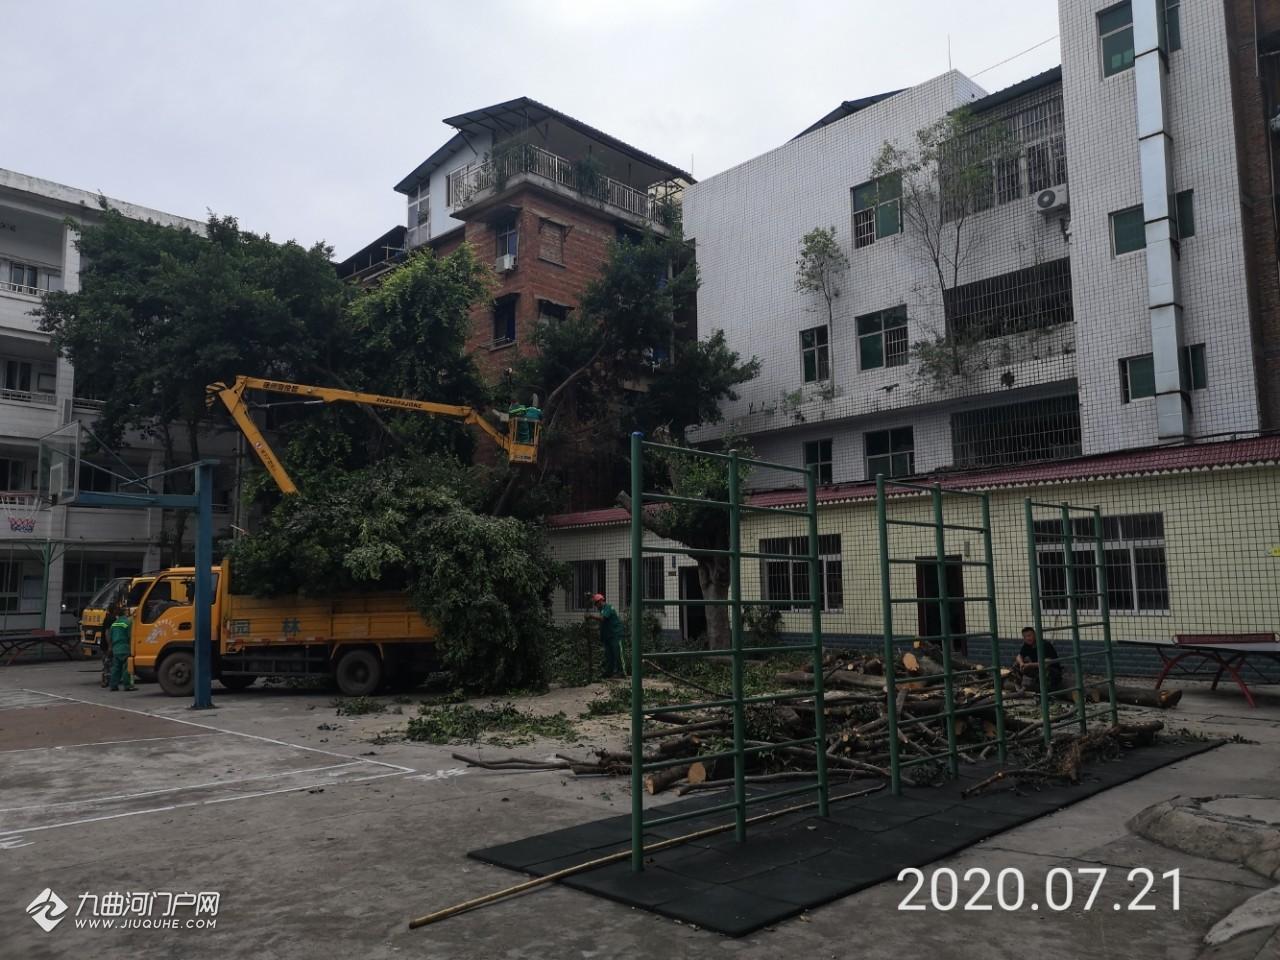 """(多图)记录资阳雁江一小""""神速""""机械工程,不分早晚一直在建设,城区内用挖挖机太不方便!"""